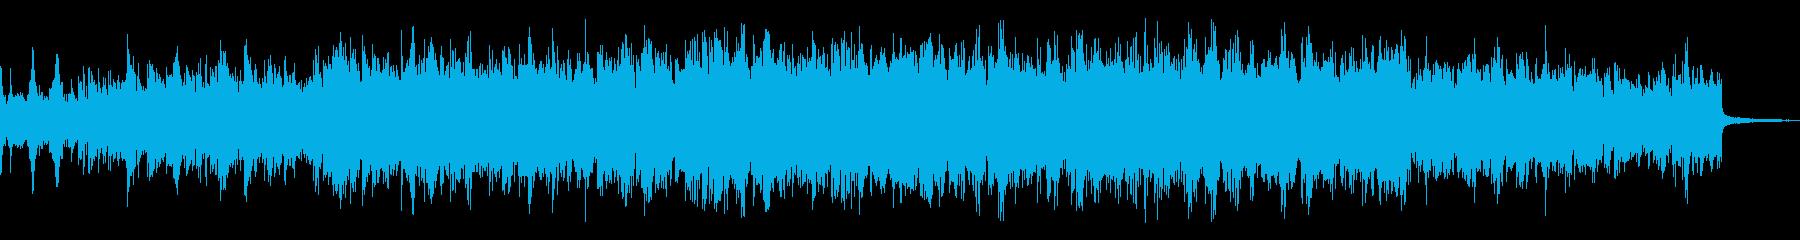 ドラマ、映画のサスペンス部分の曲の再生済みの波形